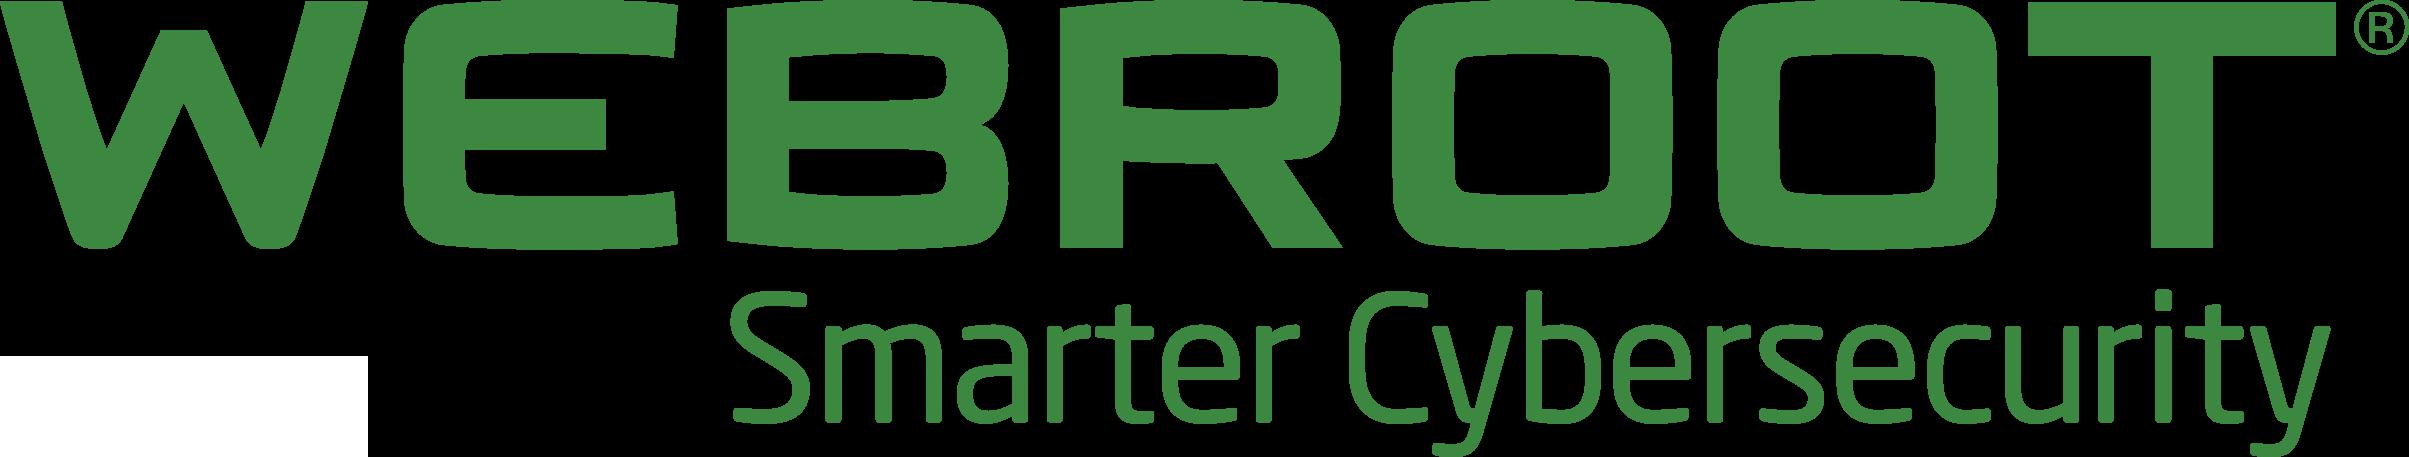 Webroot Smarter Cybersecurity logo green